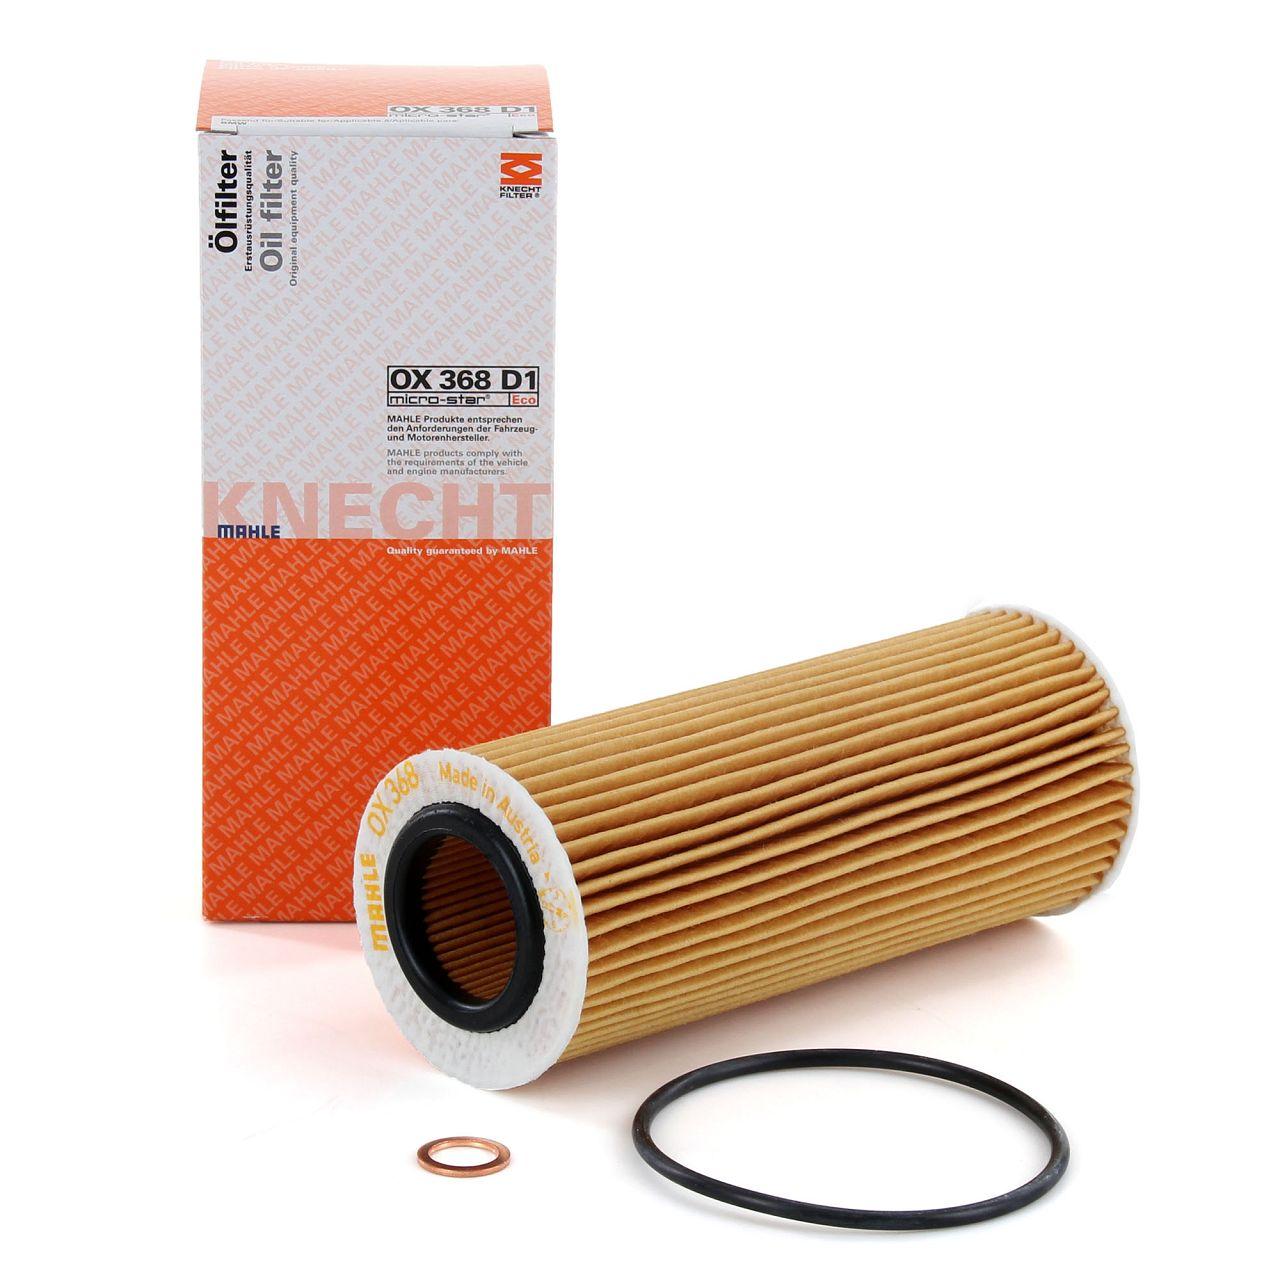 KNECHT / MAHLE Ölfilter OX368D1 für BMW E87 E46 E90 E91 E60 E61 E65-67 X3 E83